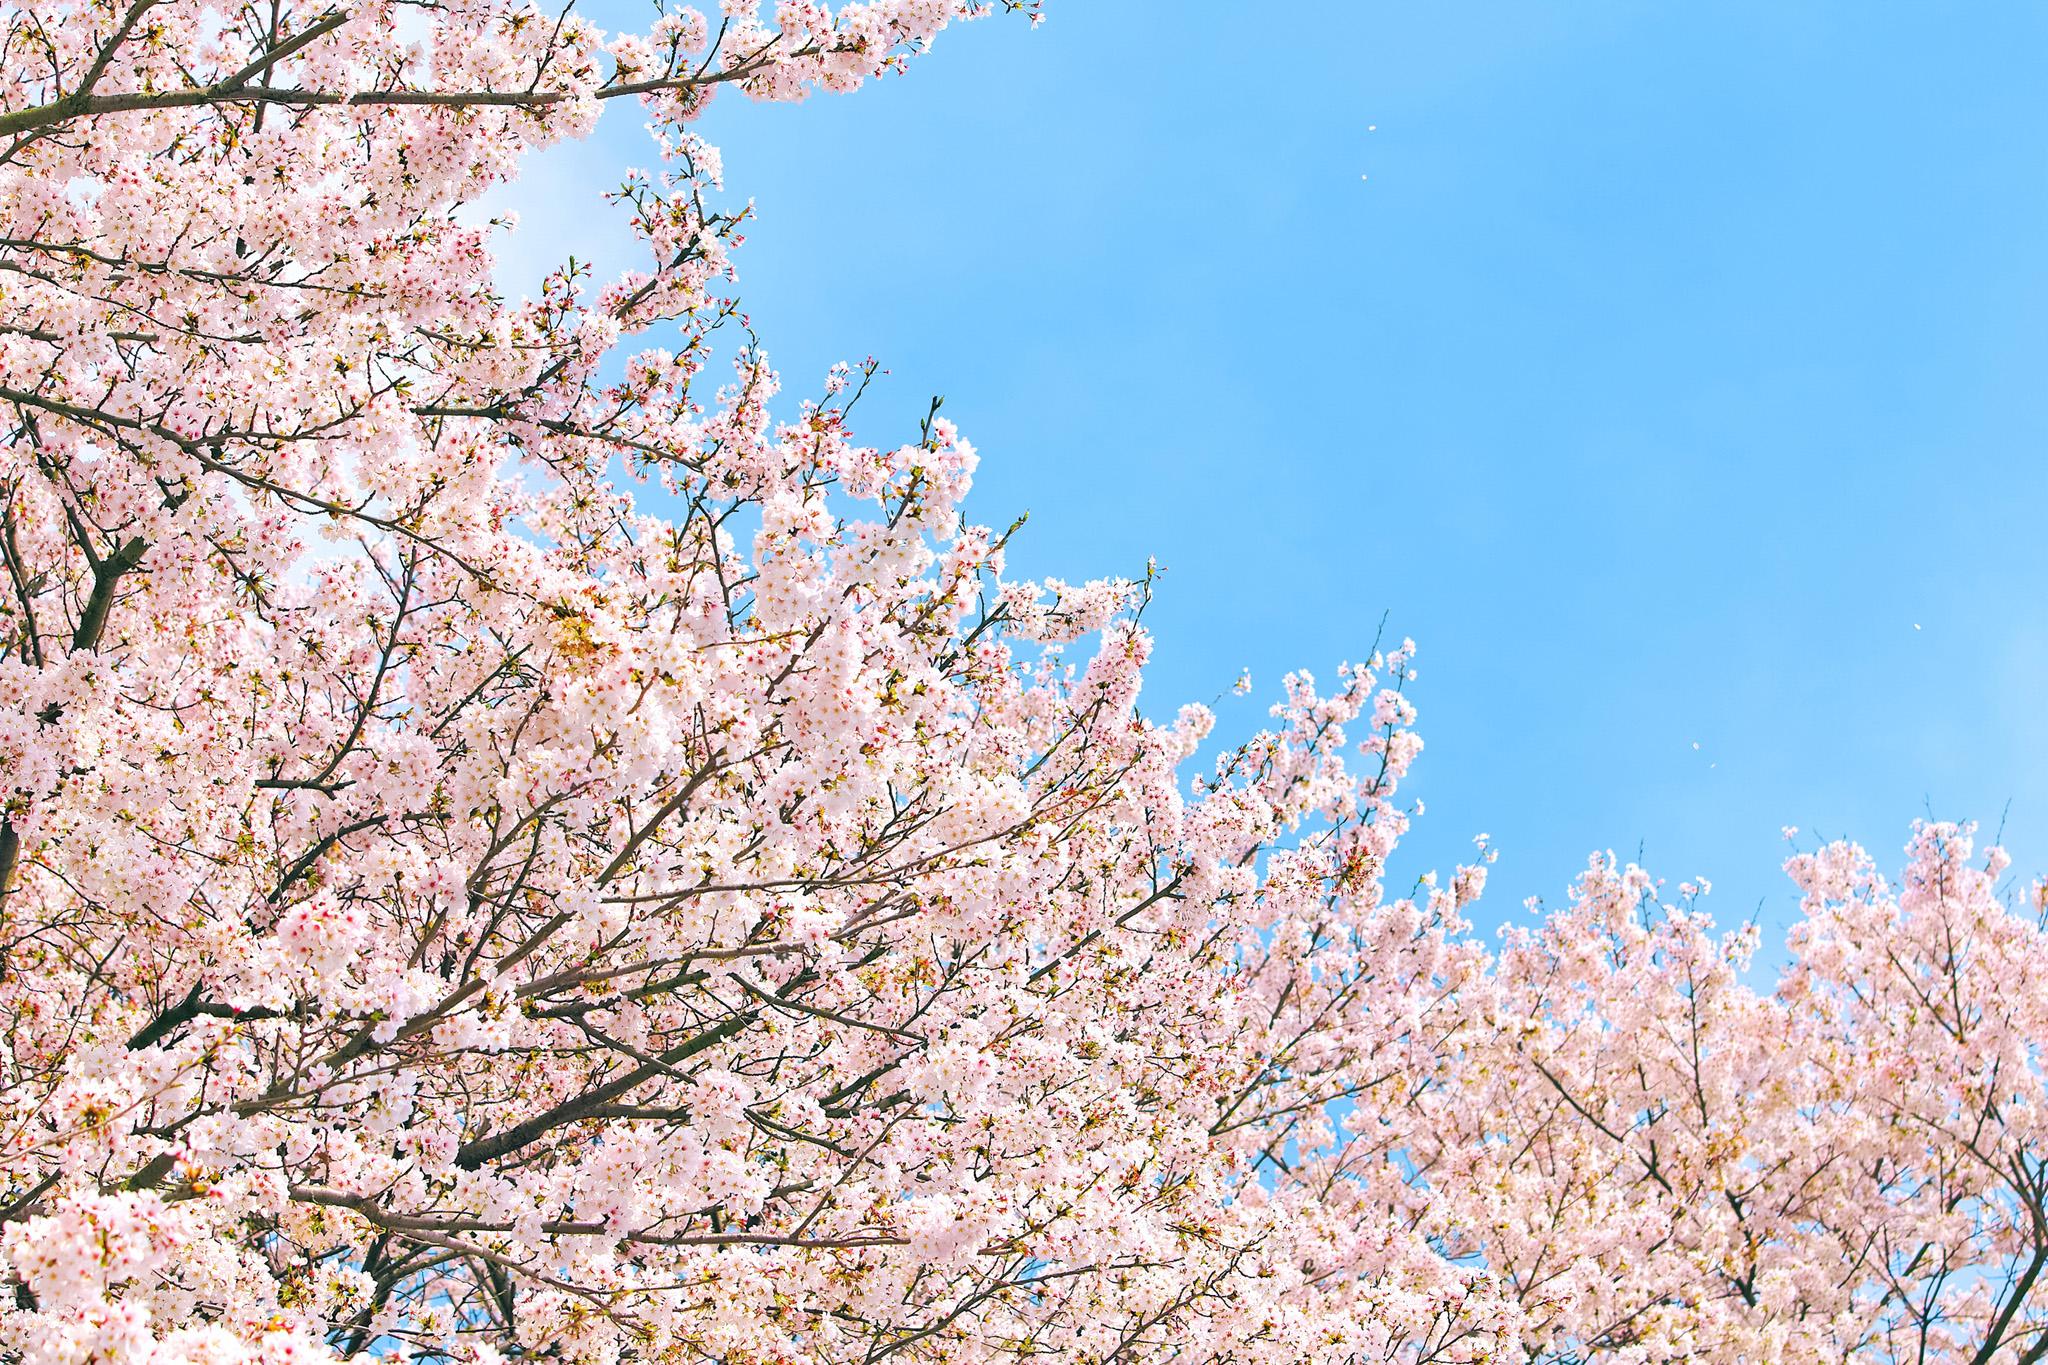 「青空に伸びる桜」の画像を無料ダウンロード